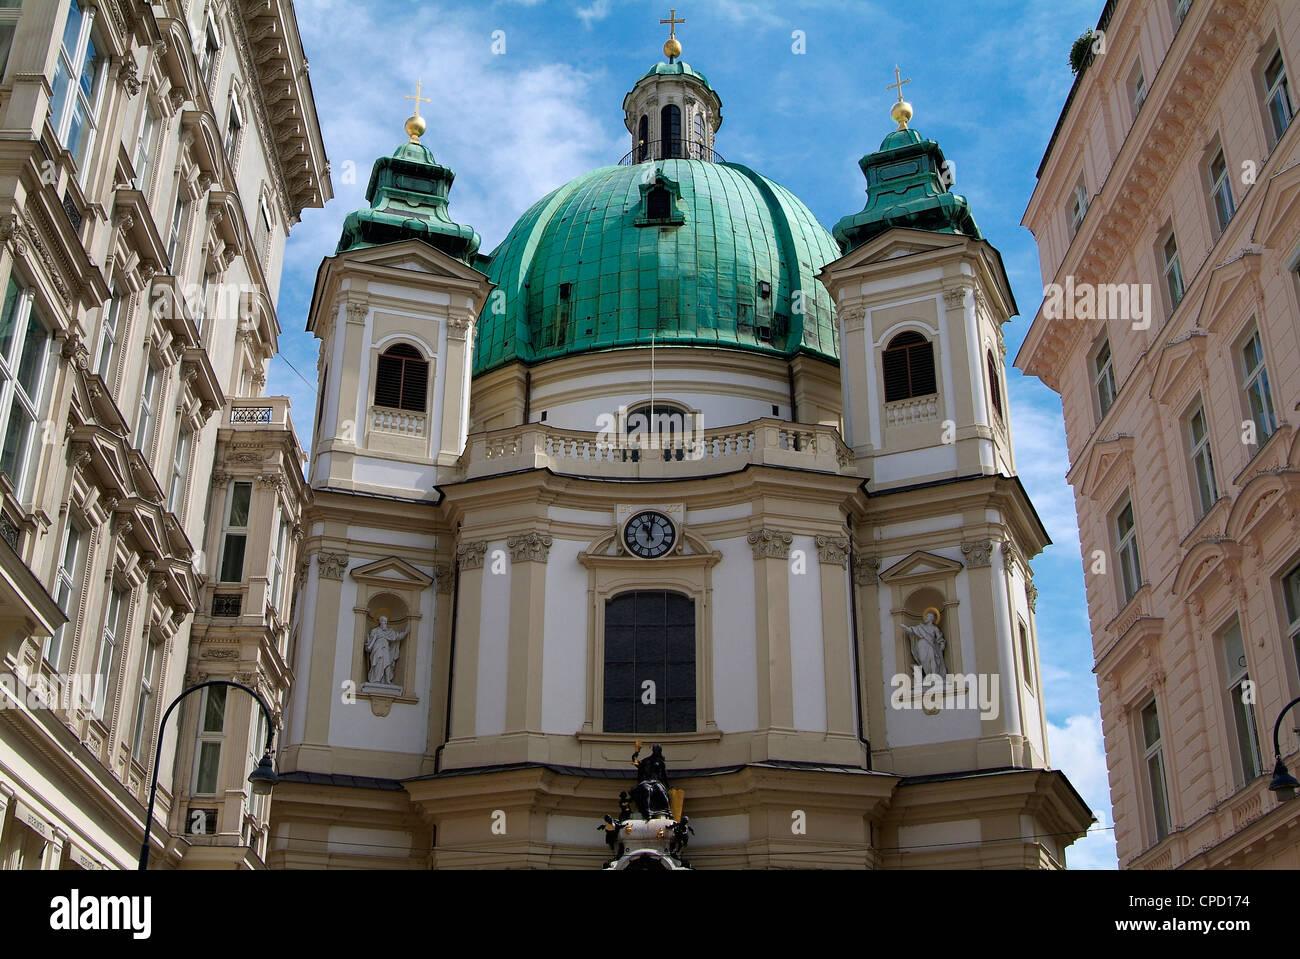 Chiesa di San Pietro, Vienna, Austria, Europa Immagini Stock